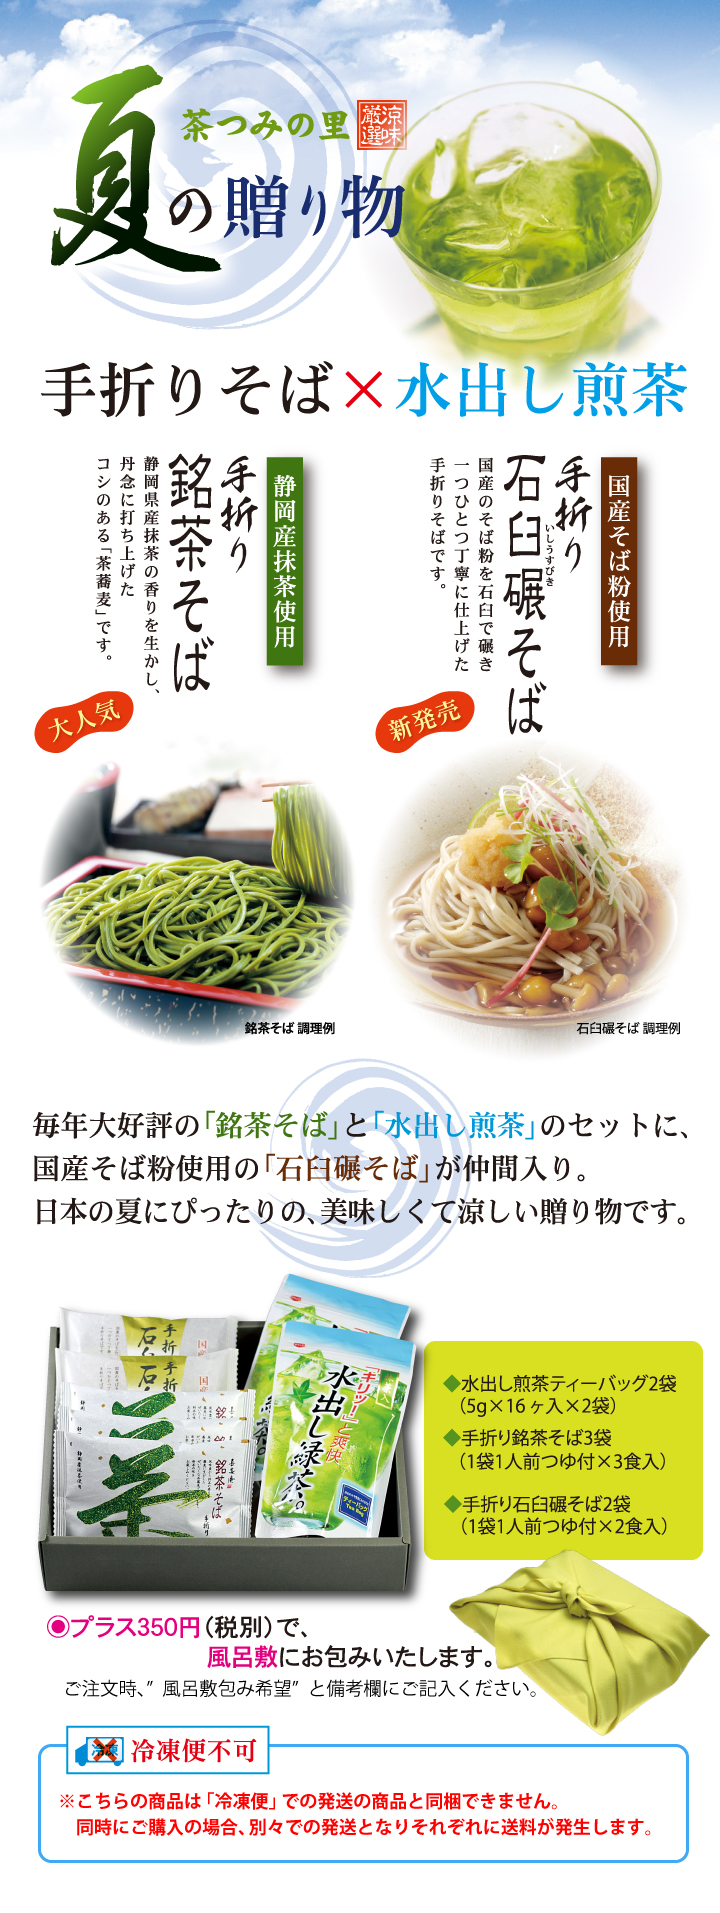 毎年大好評の「銘茶そば」と「水出し煎茶」のセットに、国産そば粉使用の「石臼碾そば」が仲間入り。日本の夏にぴたりの、美味しくて涼しい贈り物です。